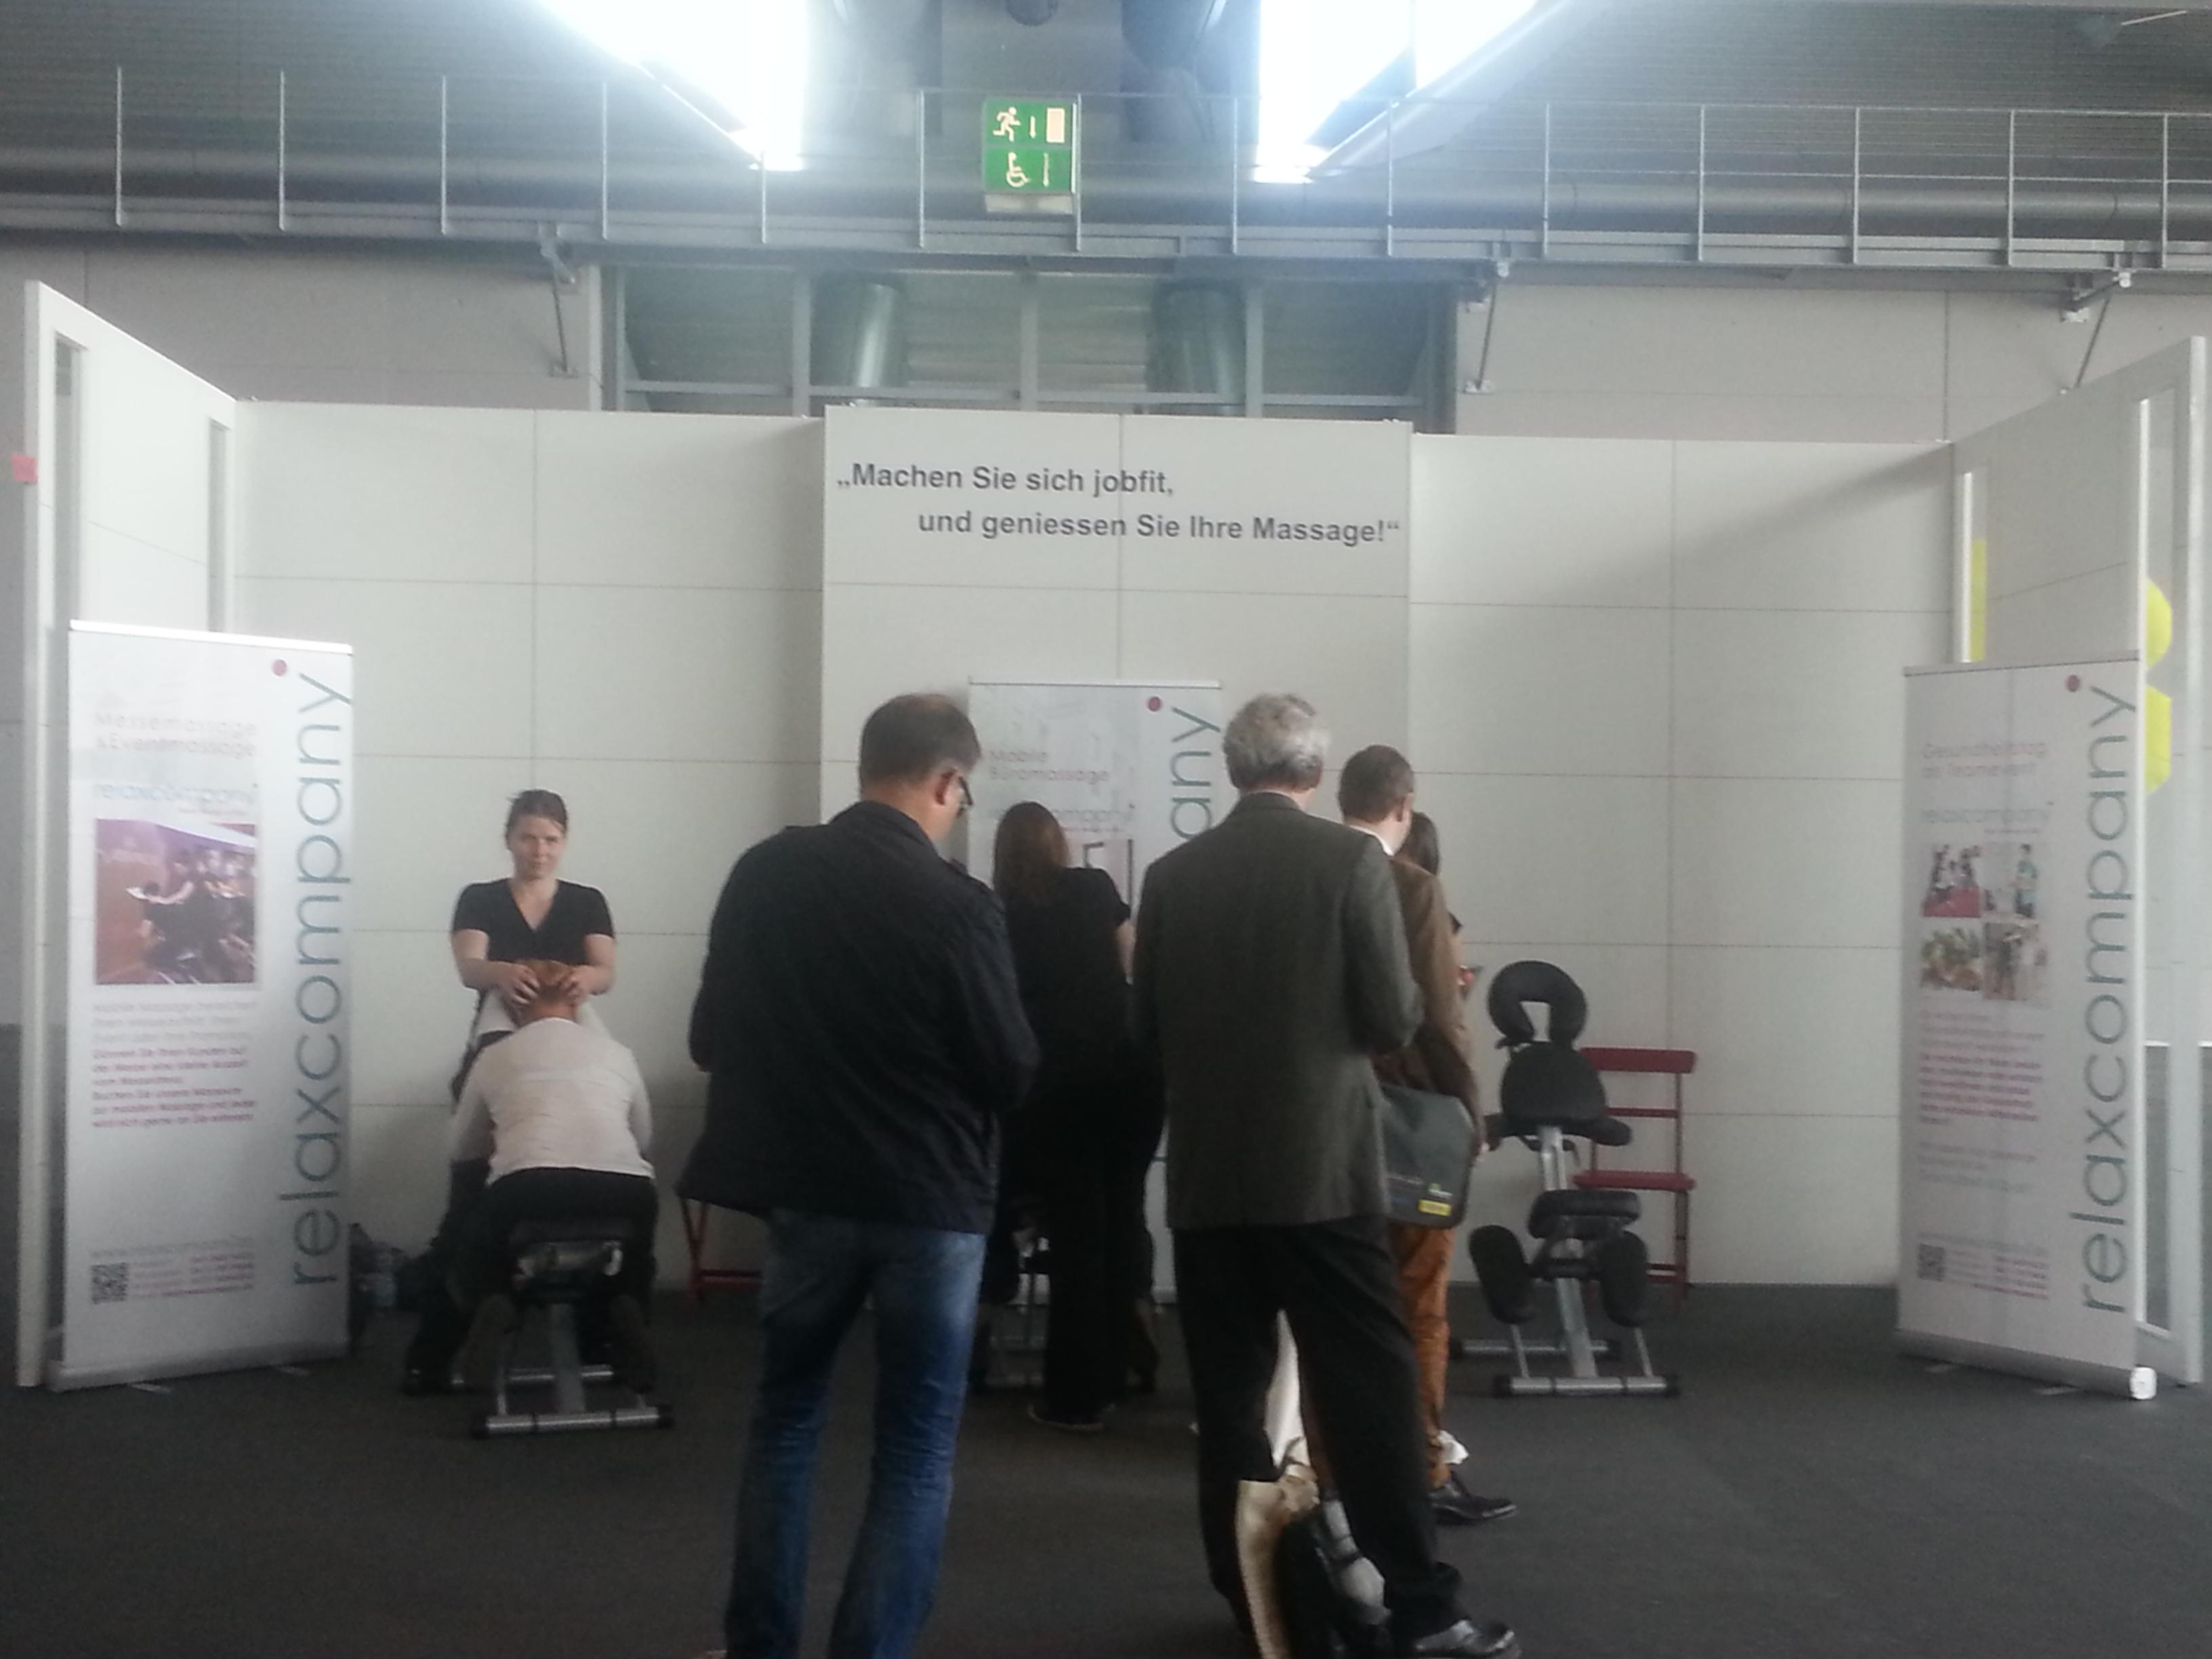 Massage auf der Messe – Arbeitsschutzmesse in Frankfurt